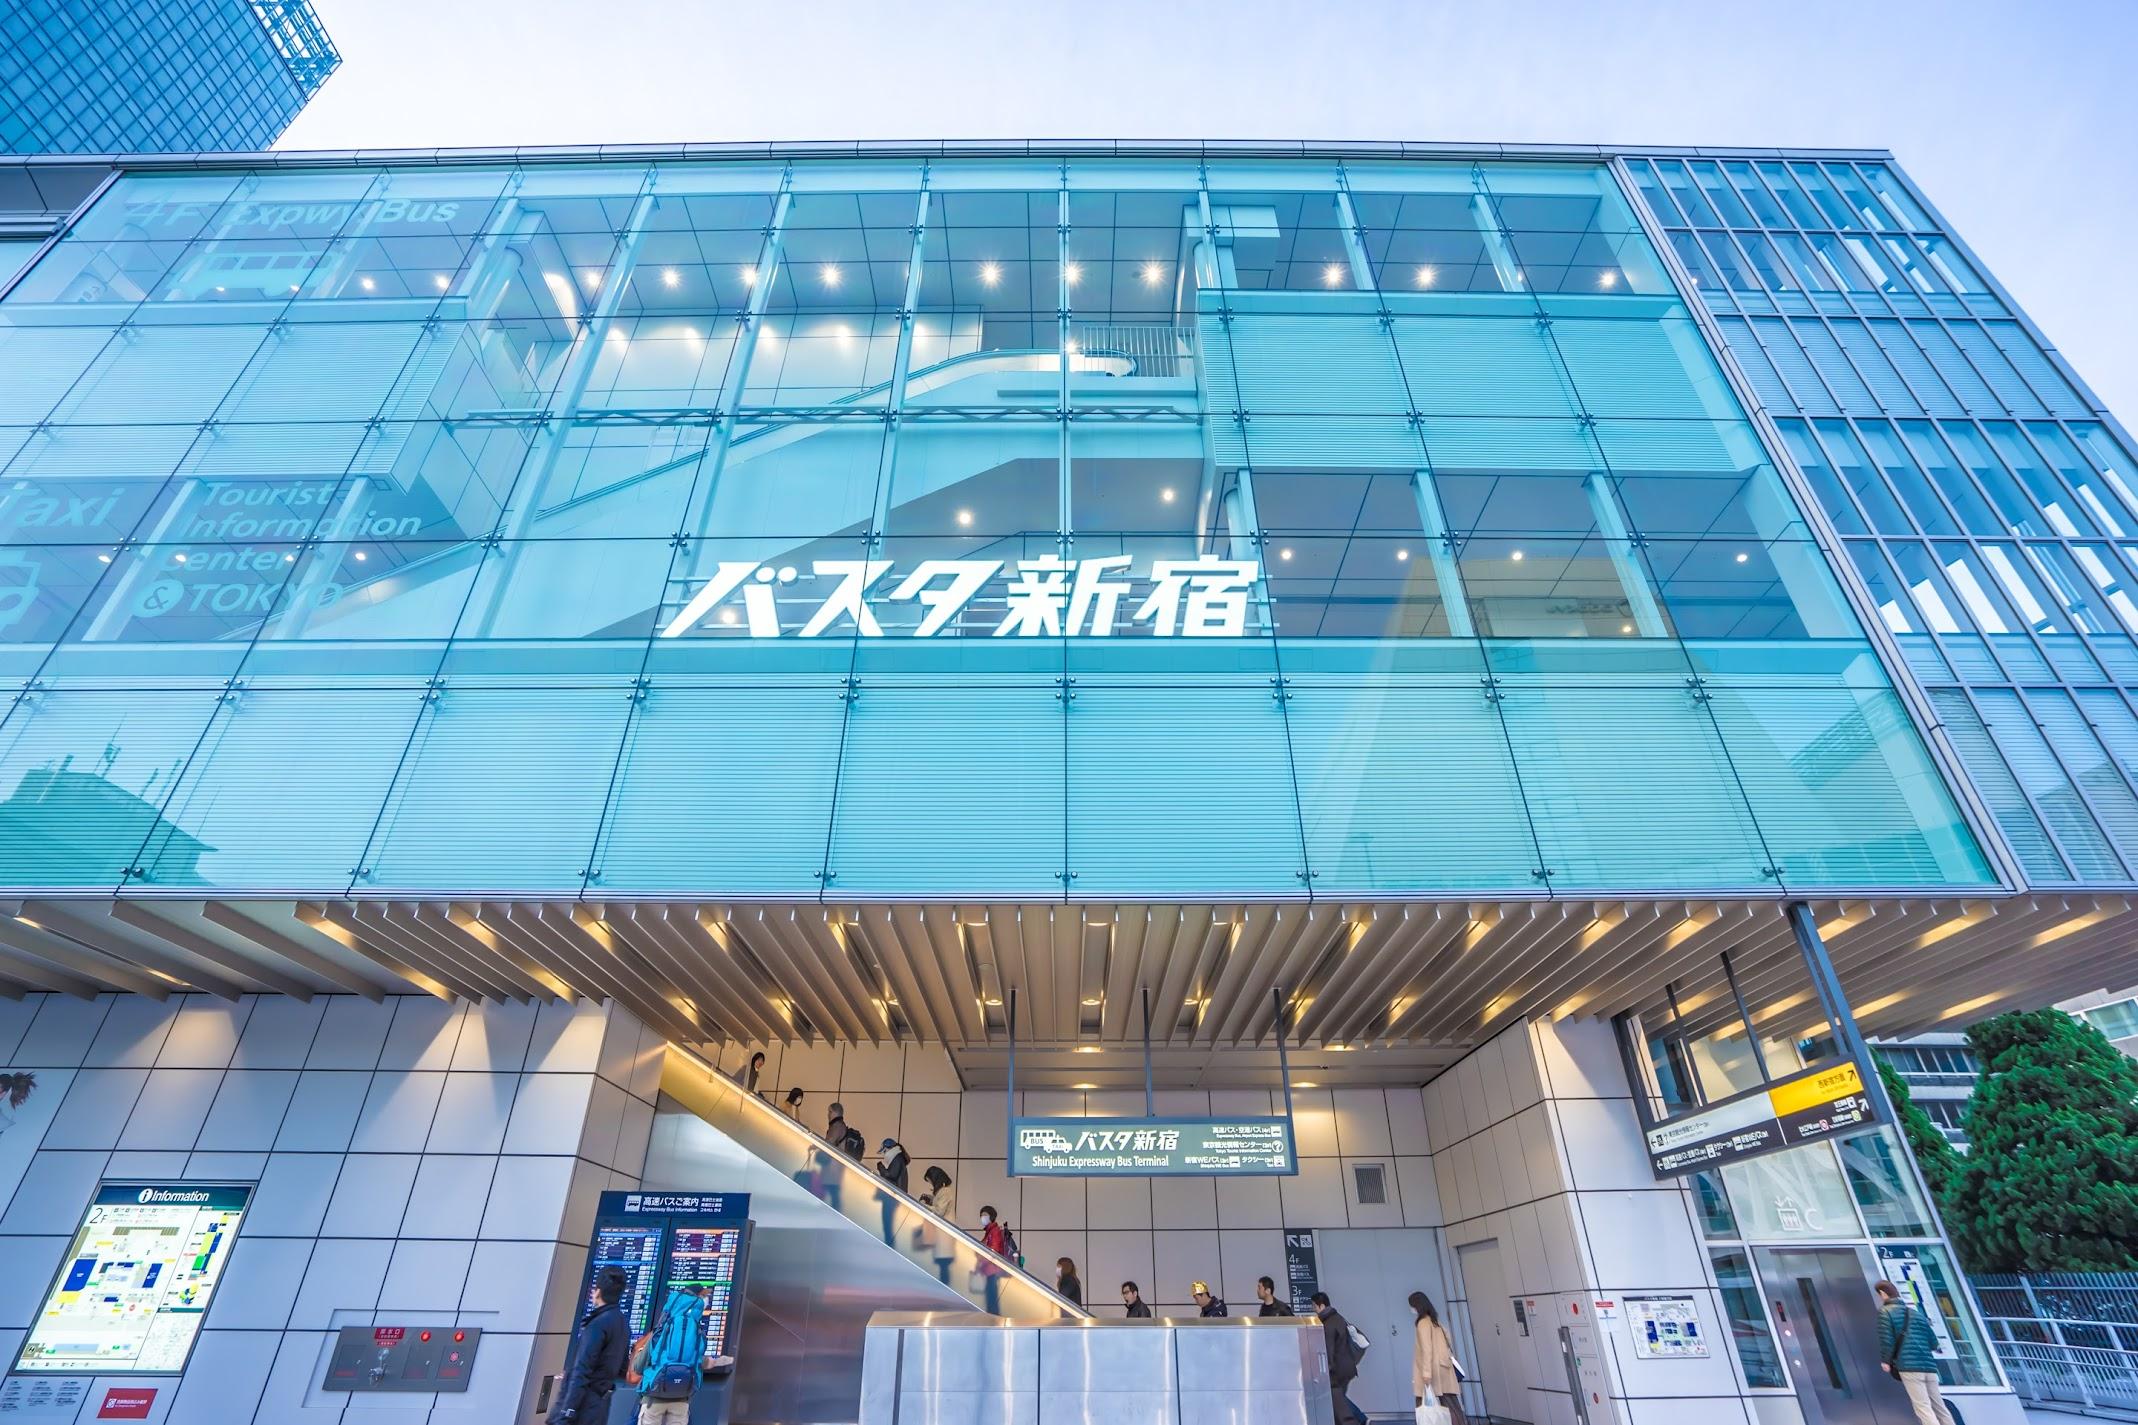 Shinjuku Expressway Bus Terminal1